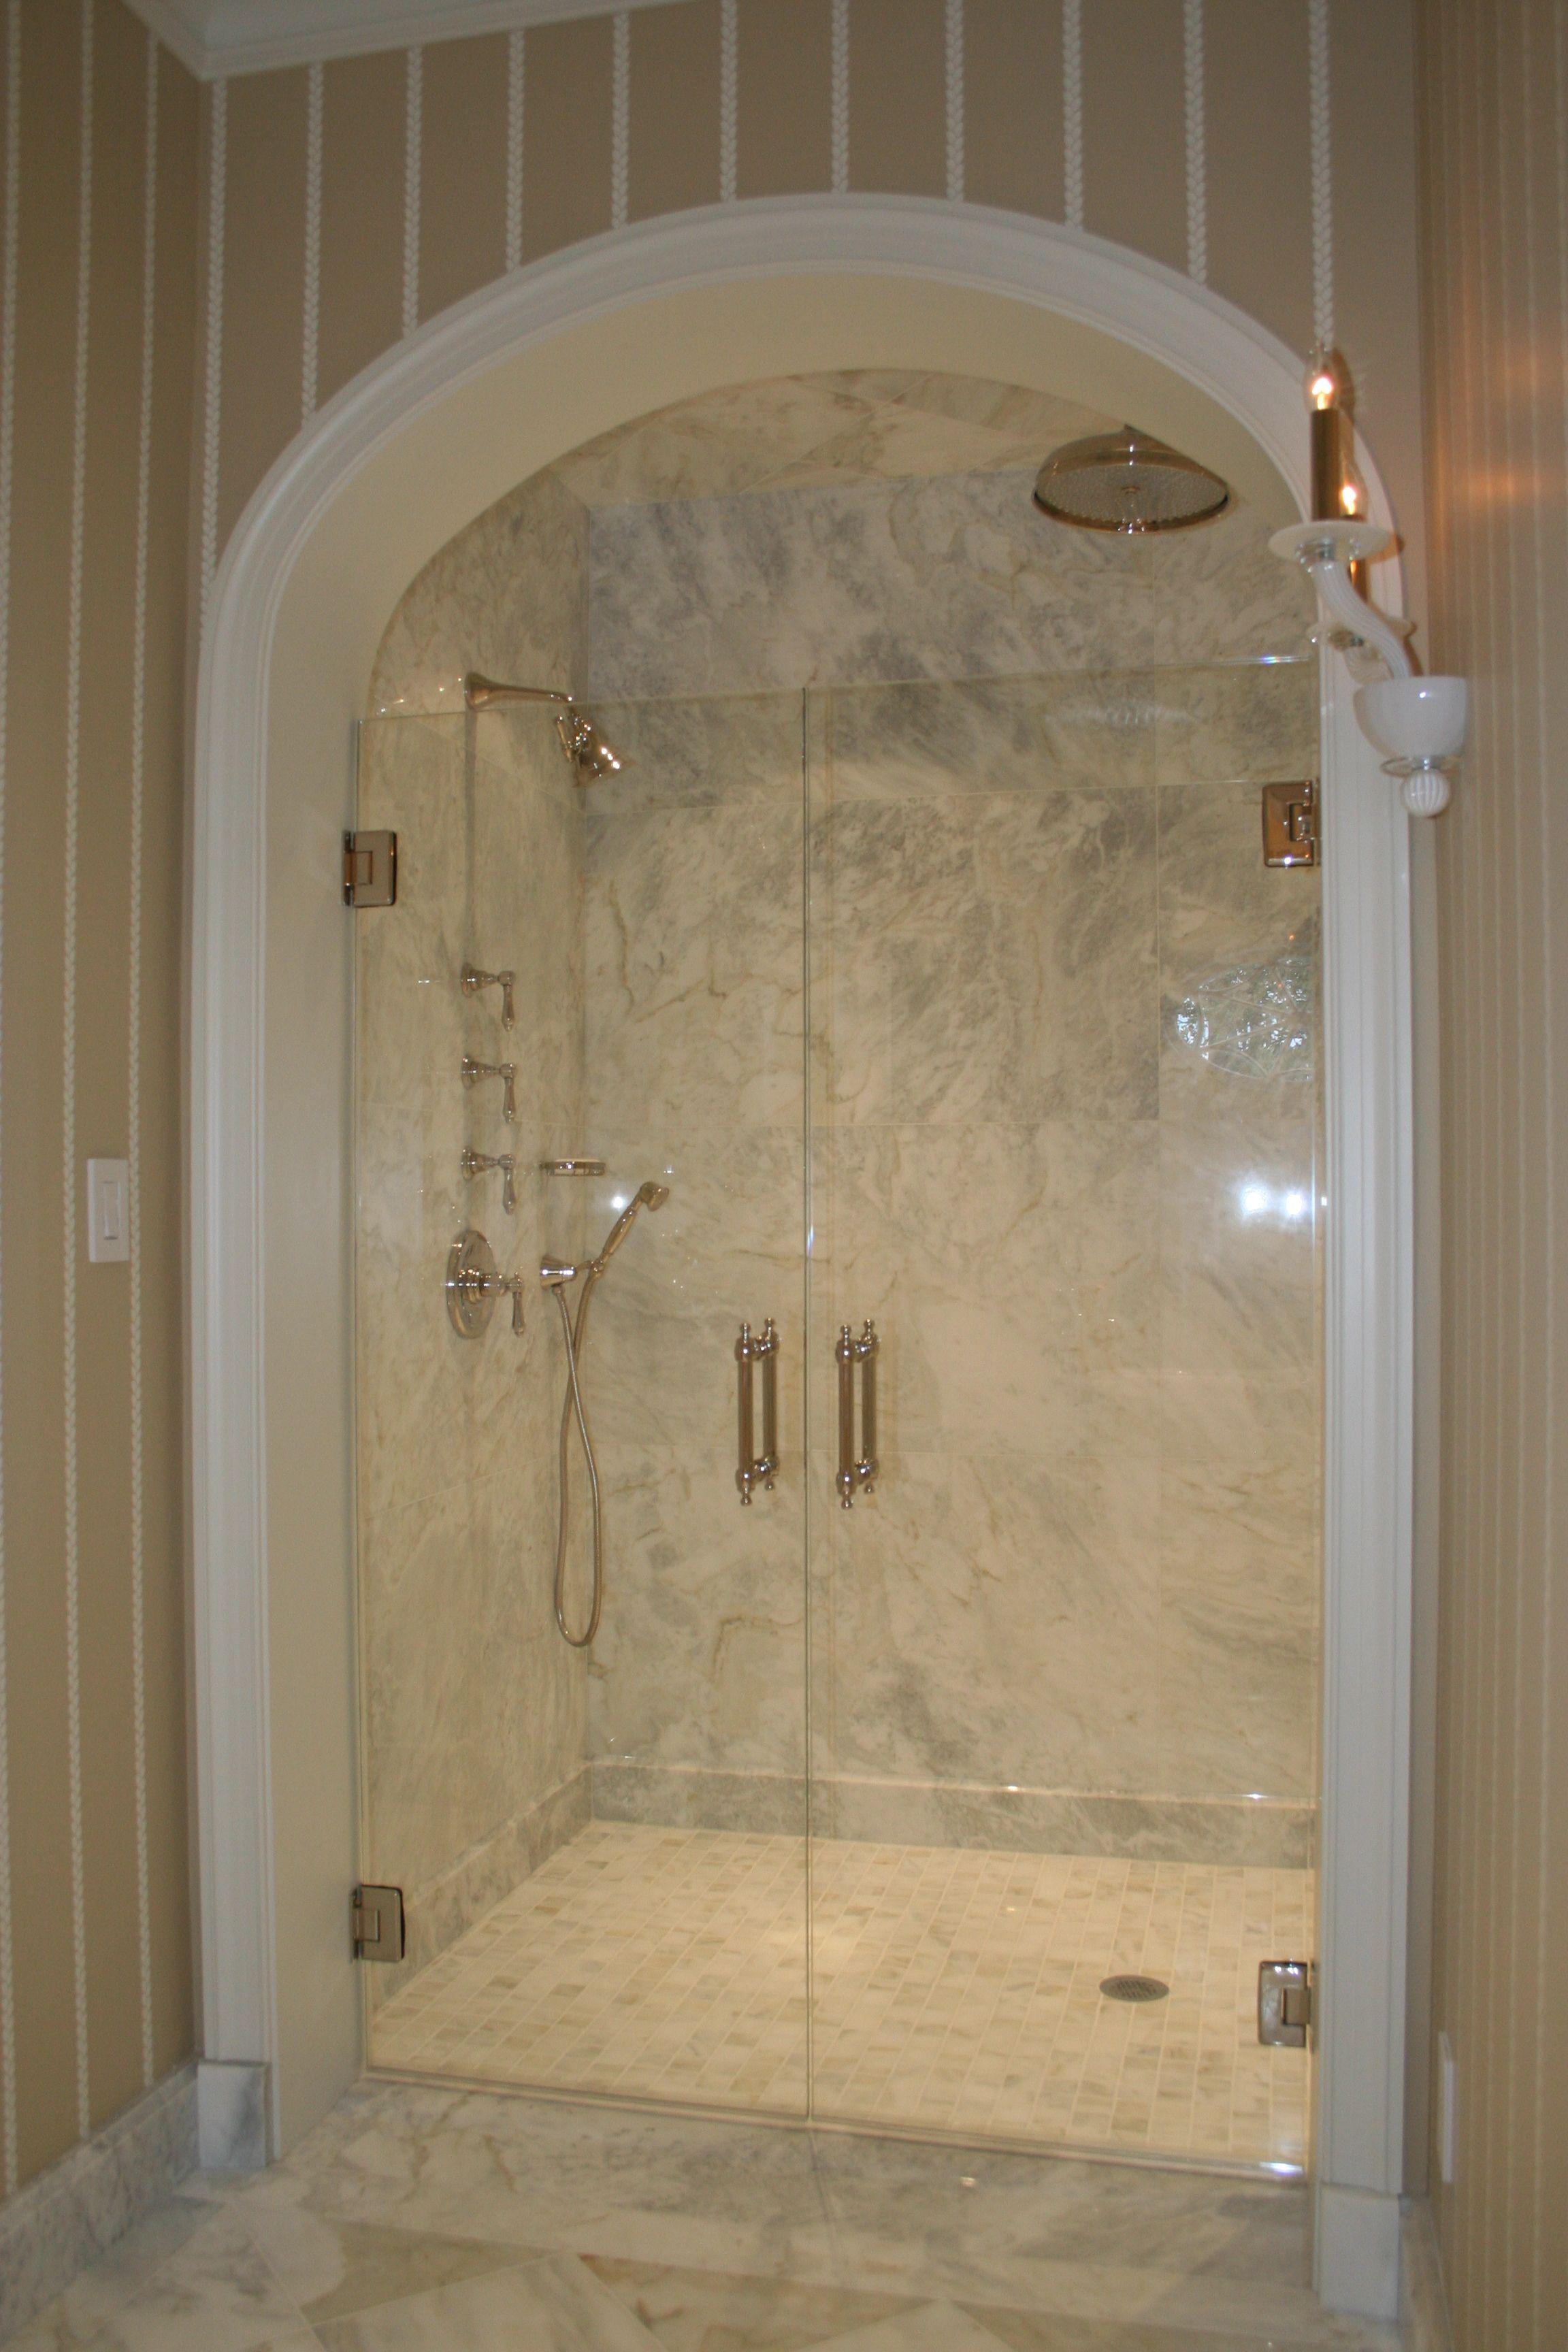 Double Frameless Shower Doors Jpg 2304 3456 Shower Doors Tub